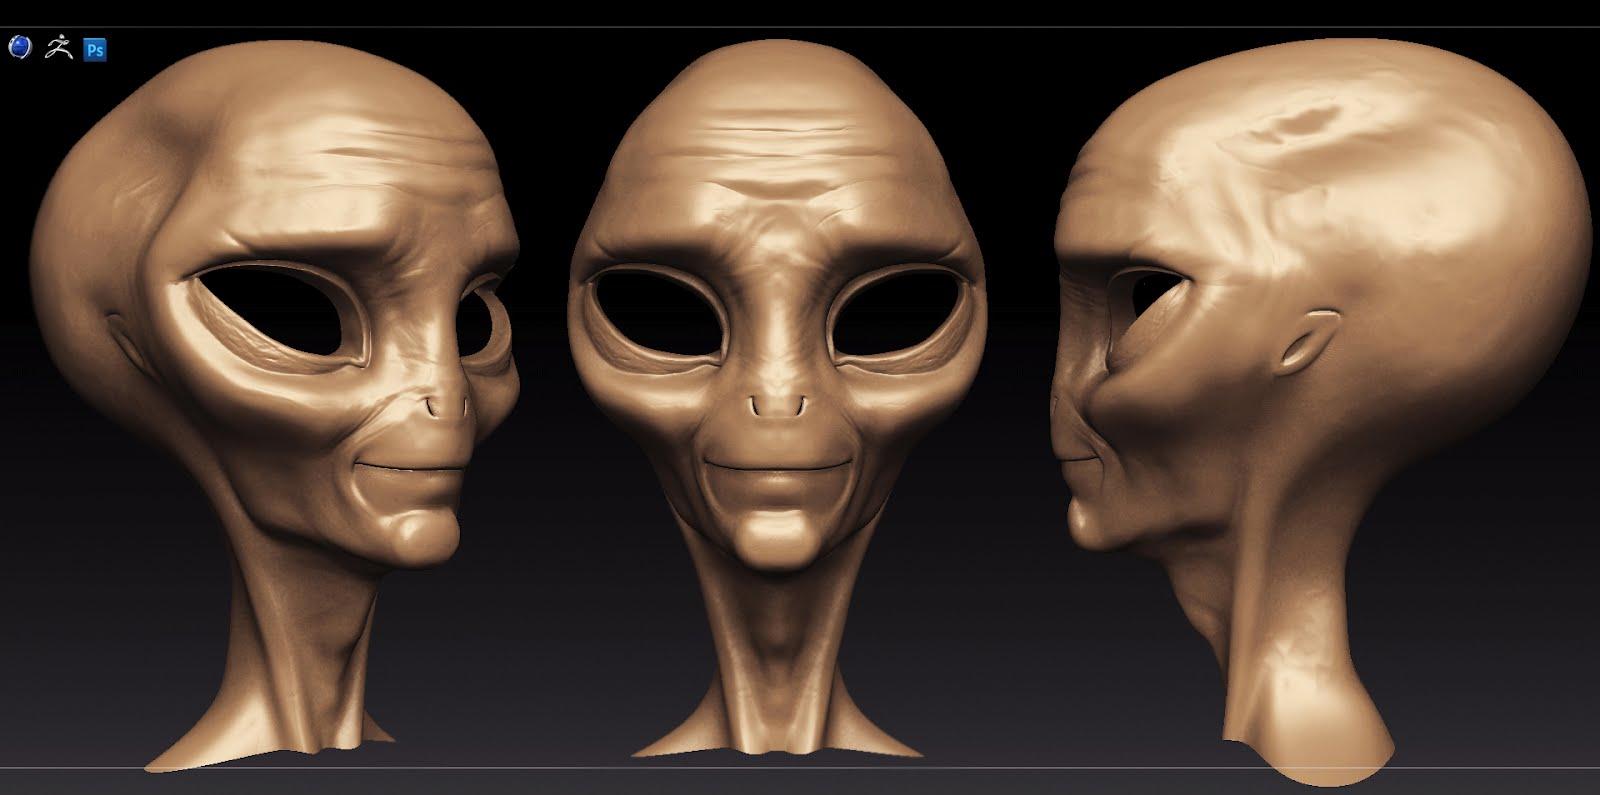 paul the alien for - photo #33